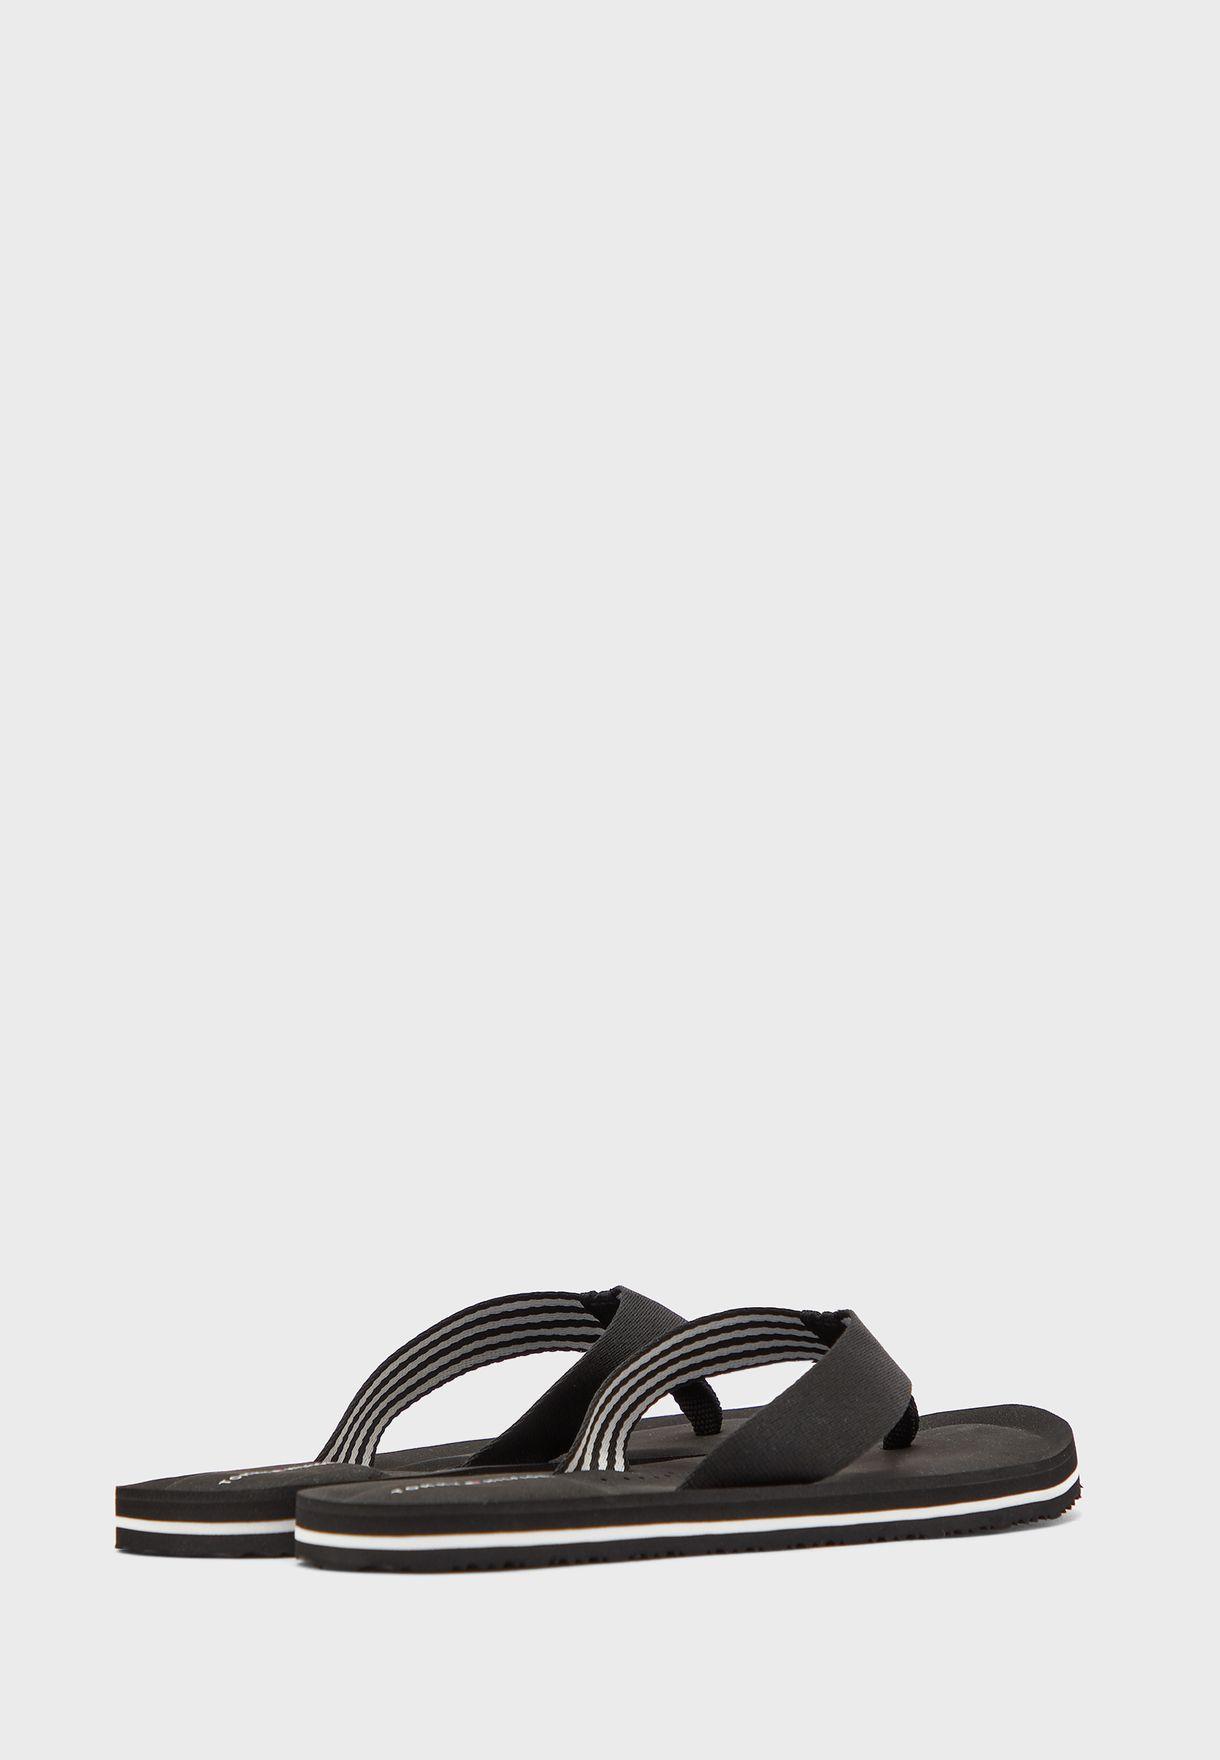 Essential Comfort Flip Flop